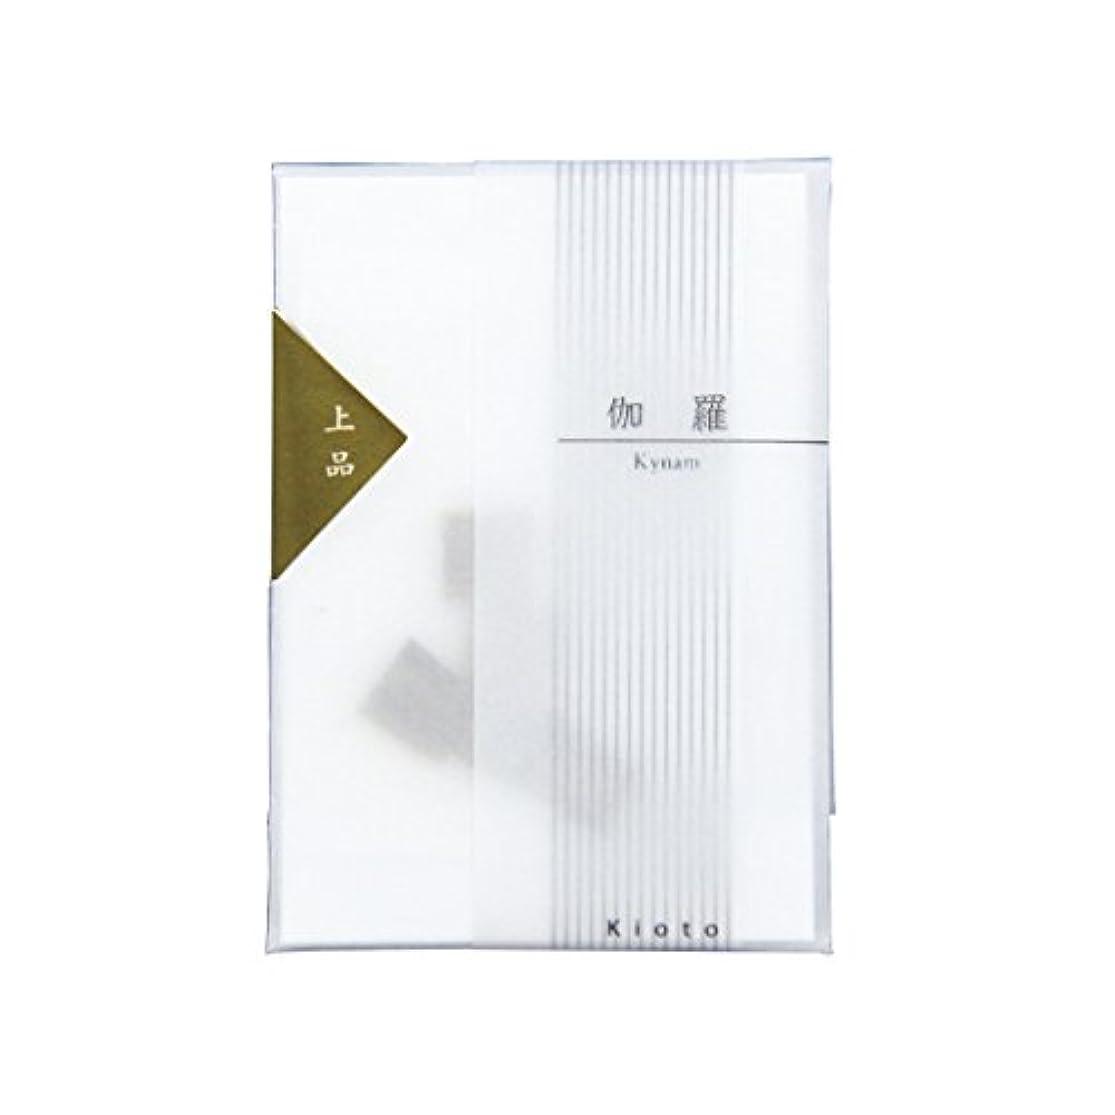 素朴な尊敬トランクライブラリ電子香炉kioka用 伽羅(上品)